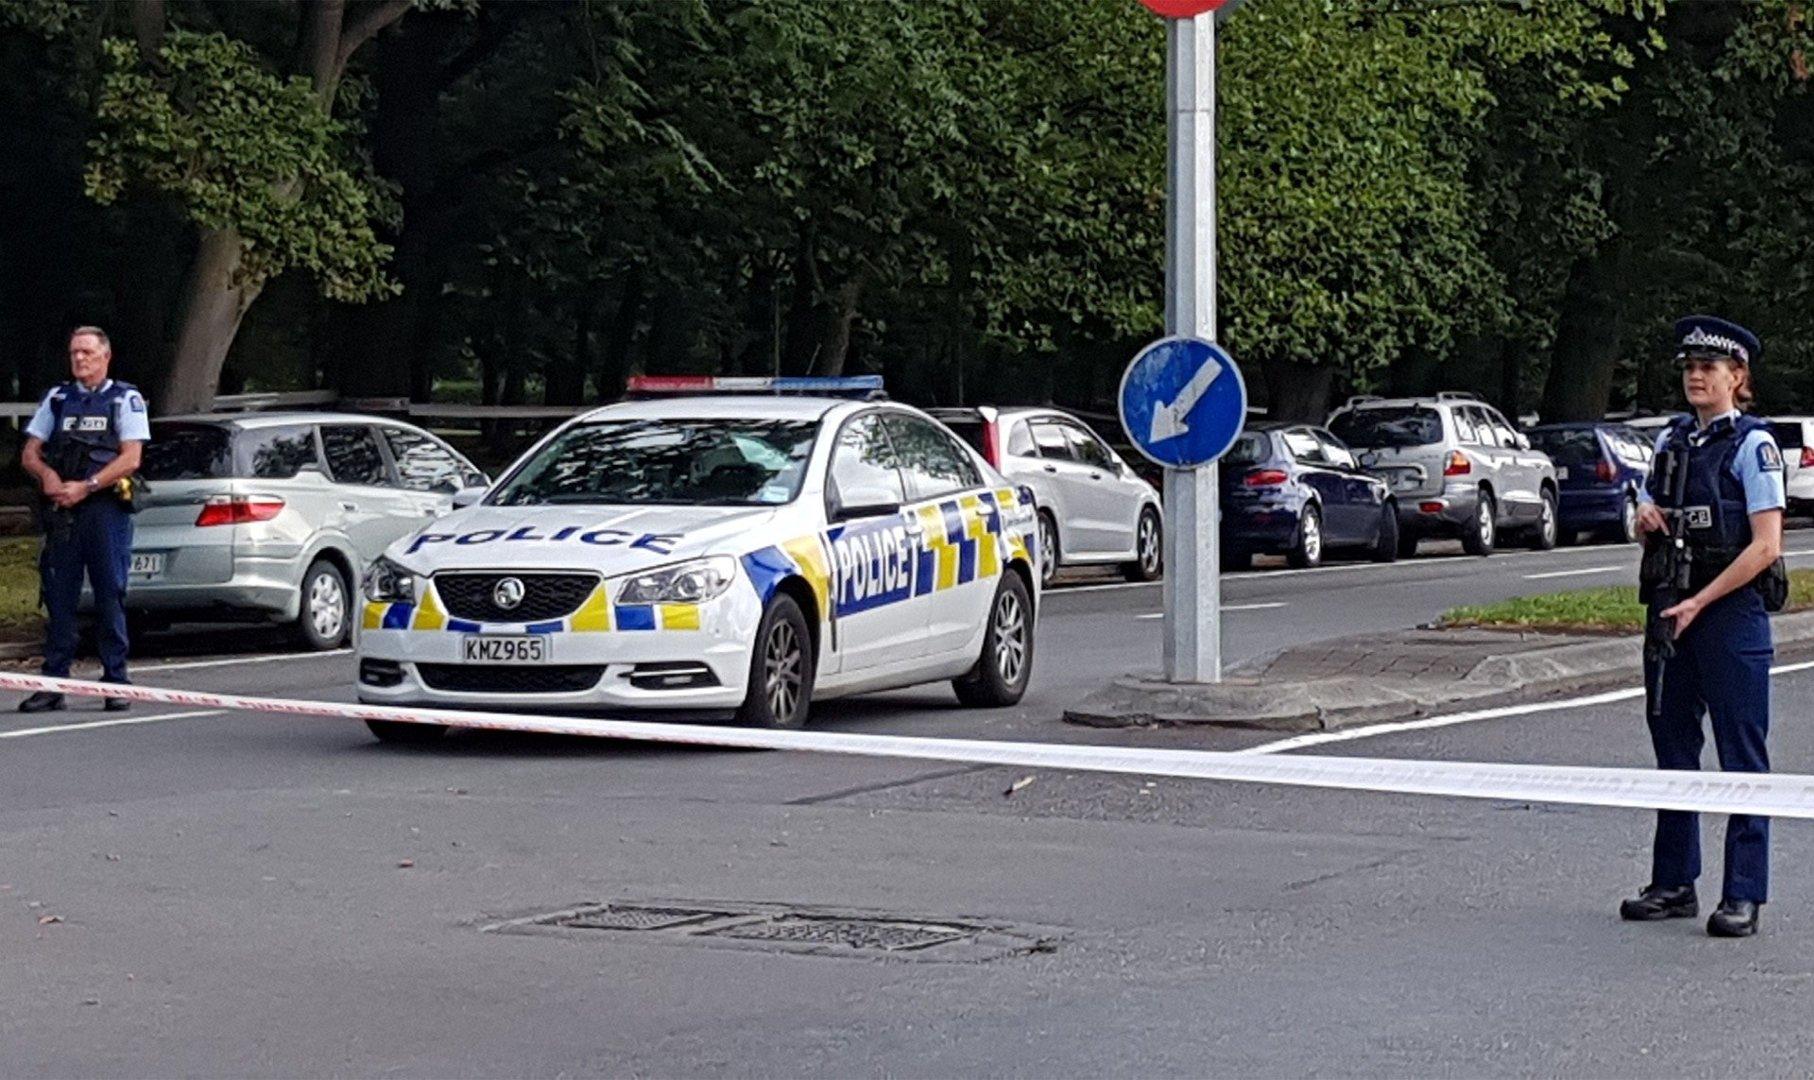 Nowa Zelandia Atak Film Photo: Nowa Zelandia: Atak Na Dwa Meczety W Christchurch